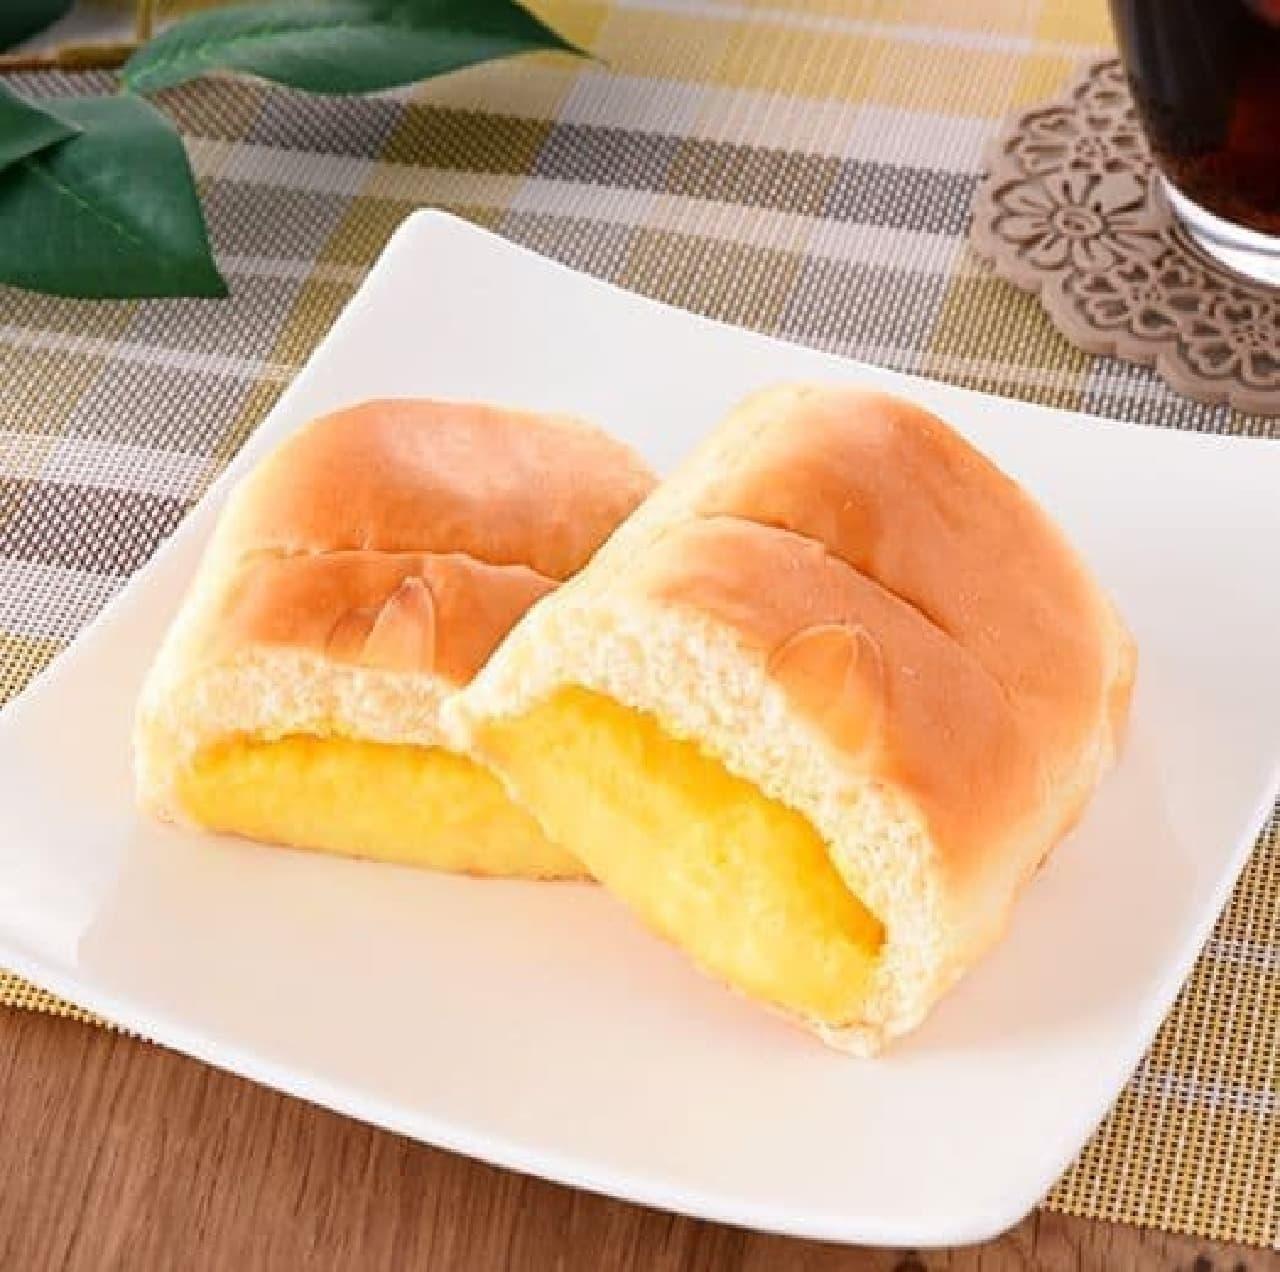 ファミリーマート「ちぎれるクリームパン」